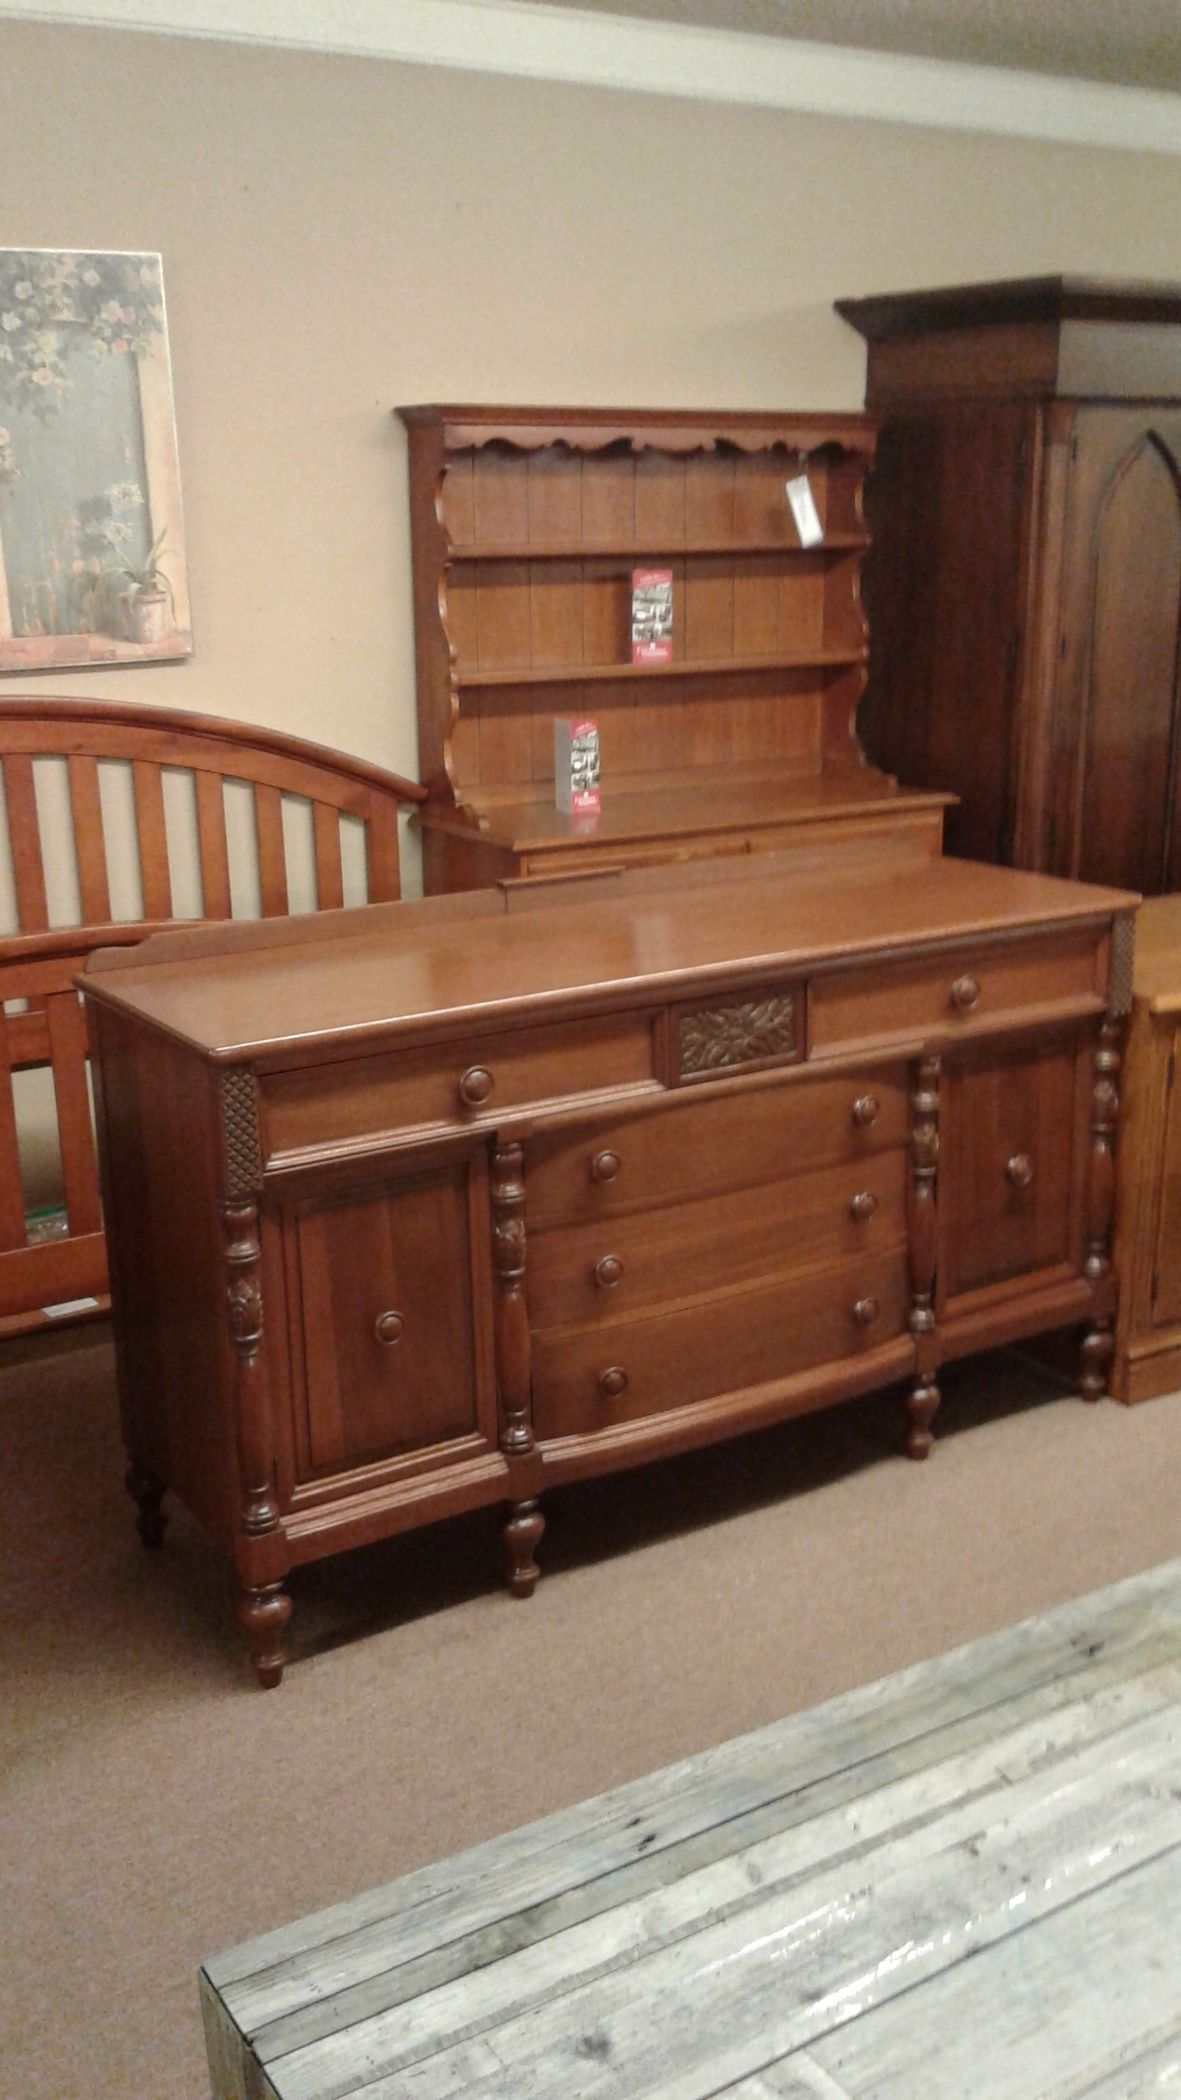 Finch Fine Furn Mahogany Serv Delmarva Furniture Consignment